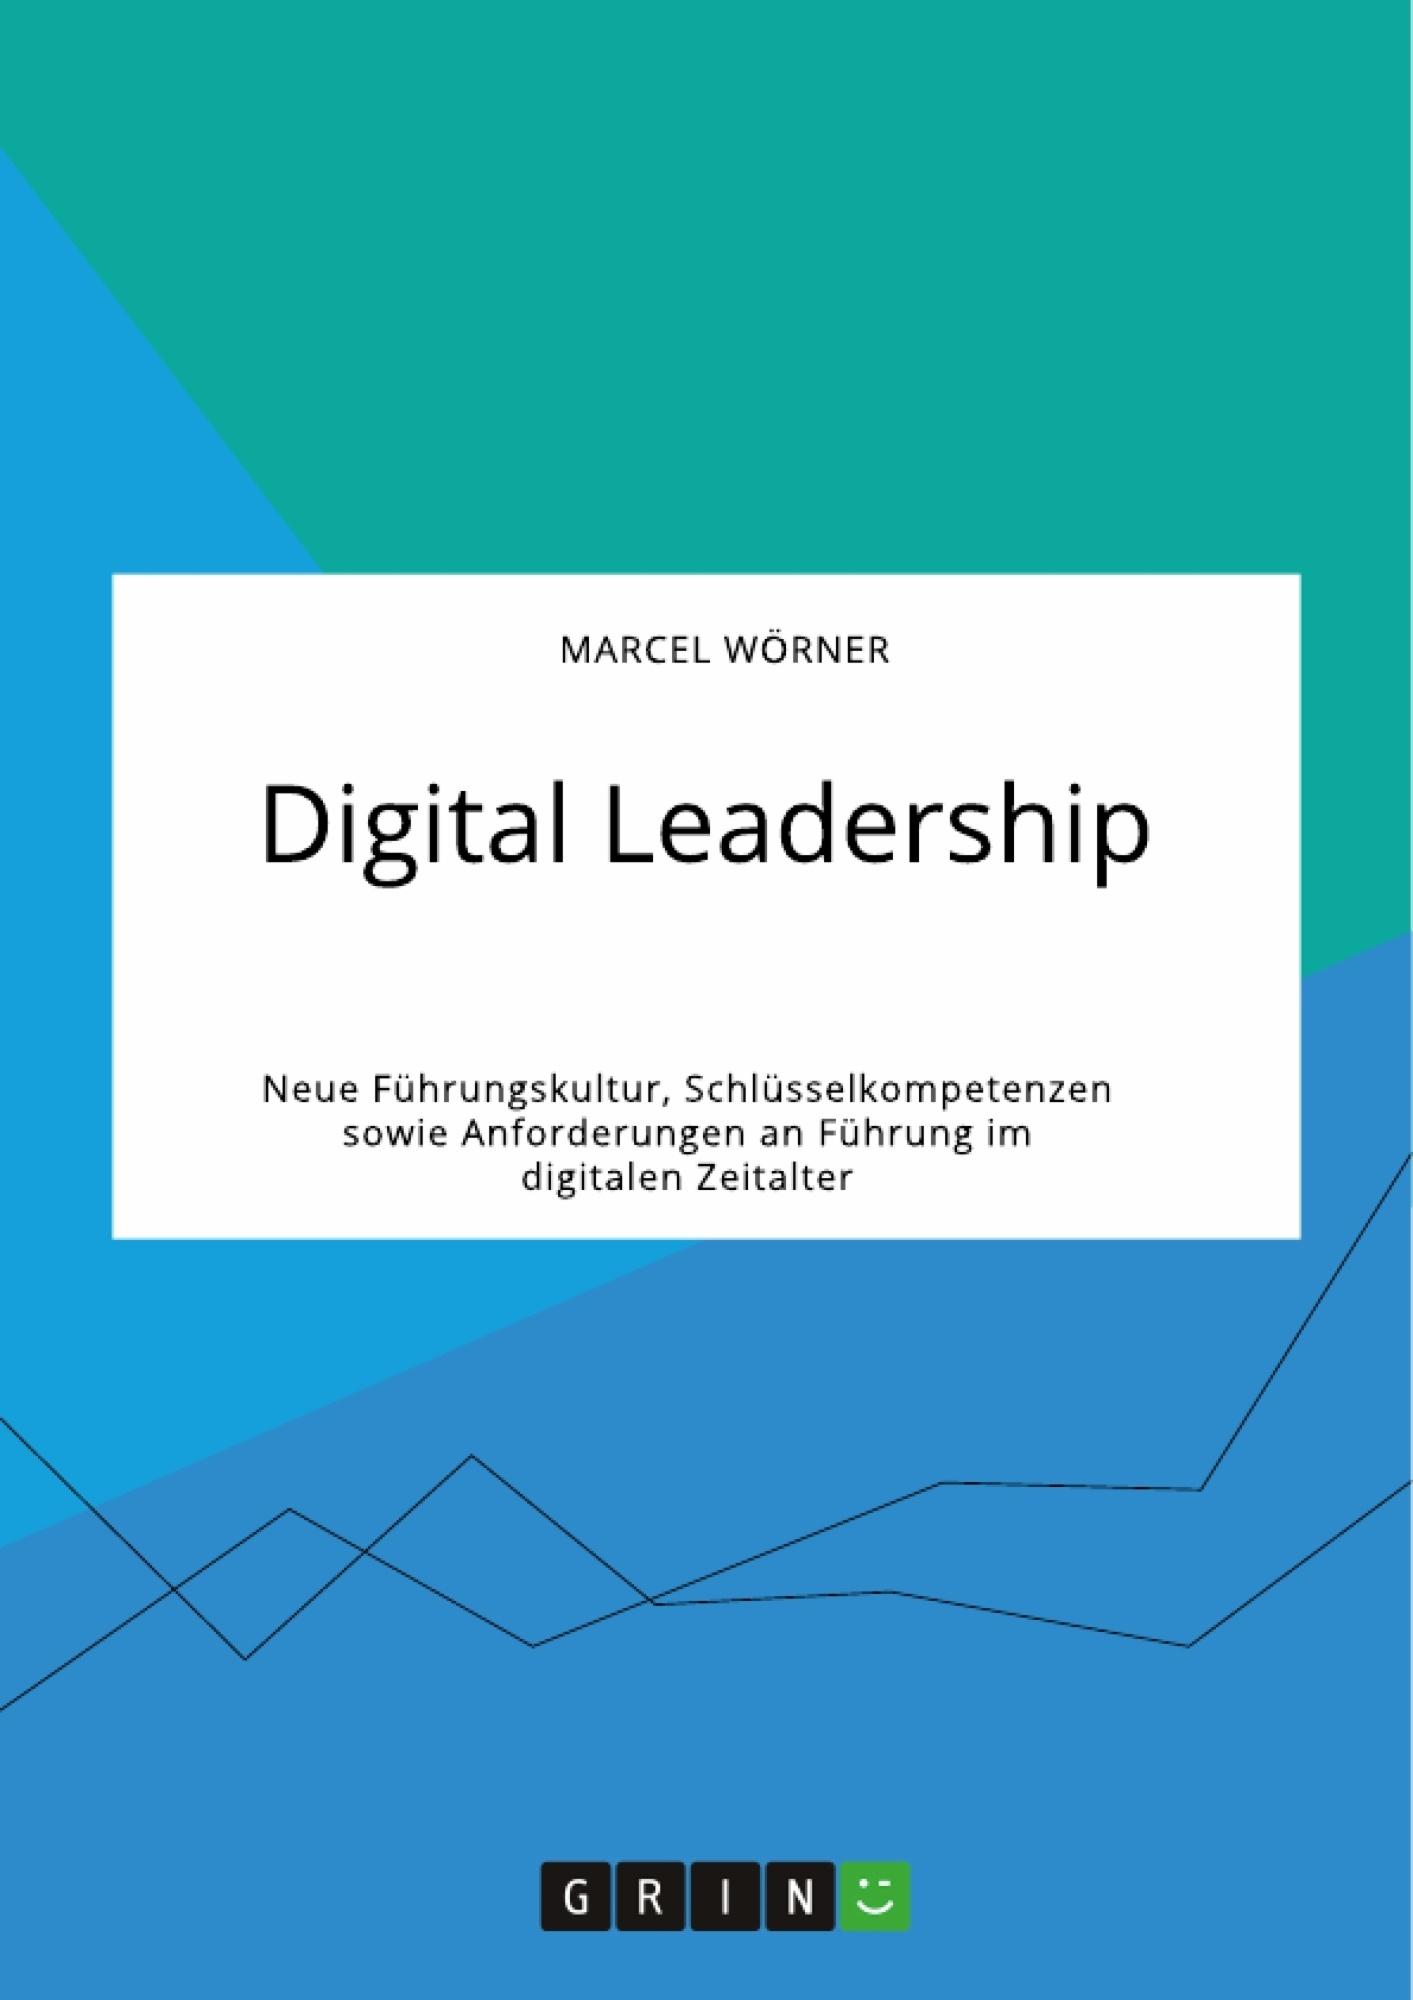 Titel: Digital Leadership. Neue Führungskultur, Schlüsselkompetenzen sowie Anforderungen an Führung im digitalen Zeitalter